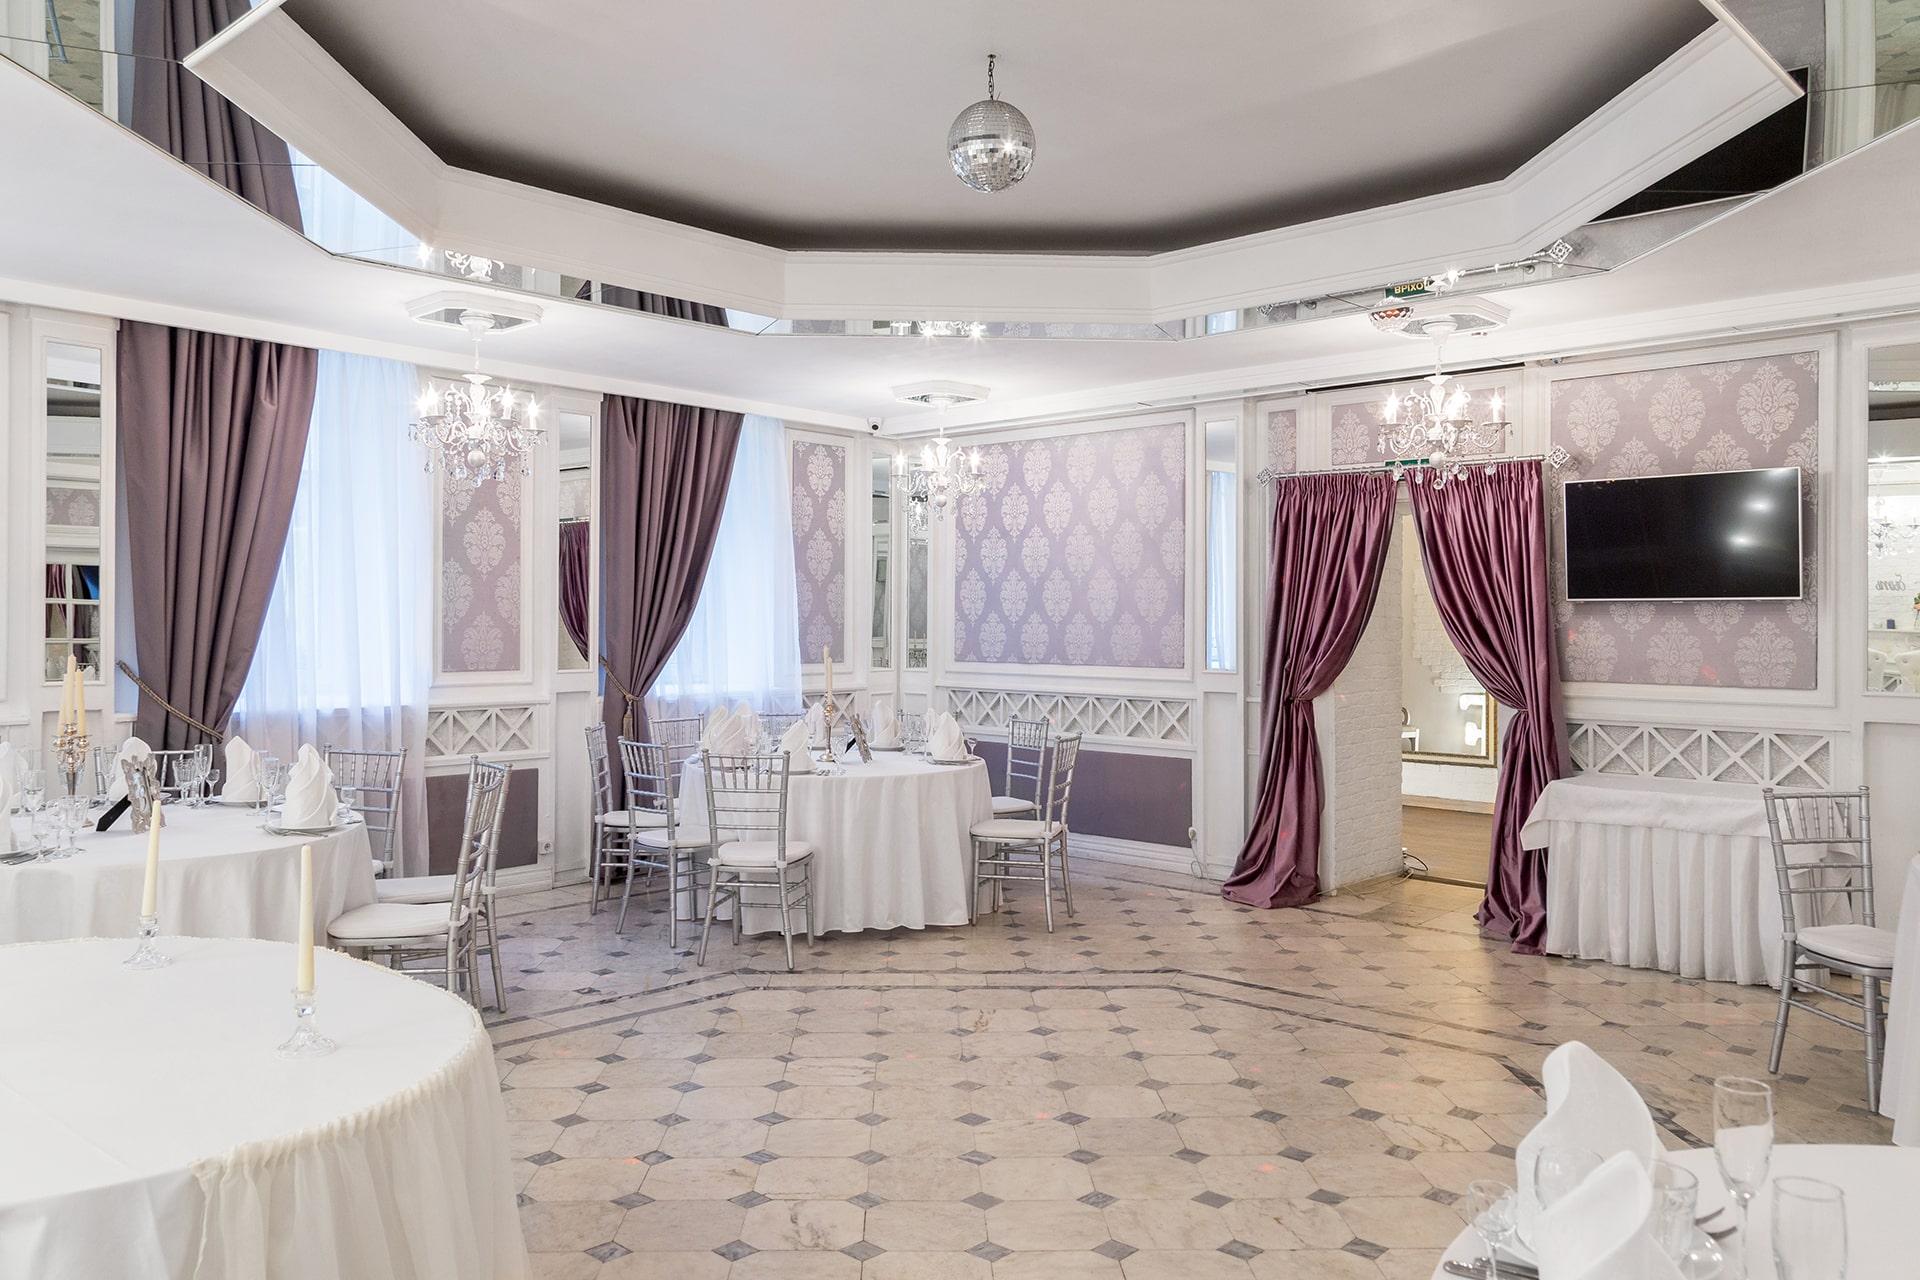 Банкетный зал - ресторан для свадьбы на 20 человек СПб